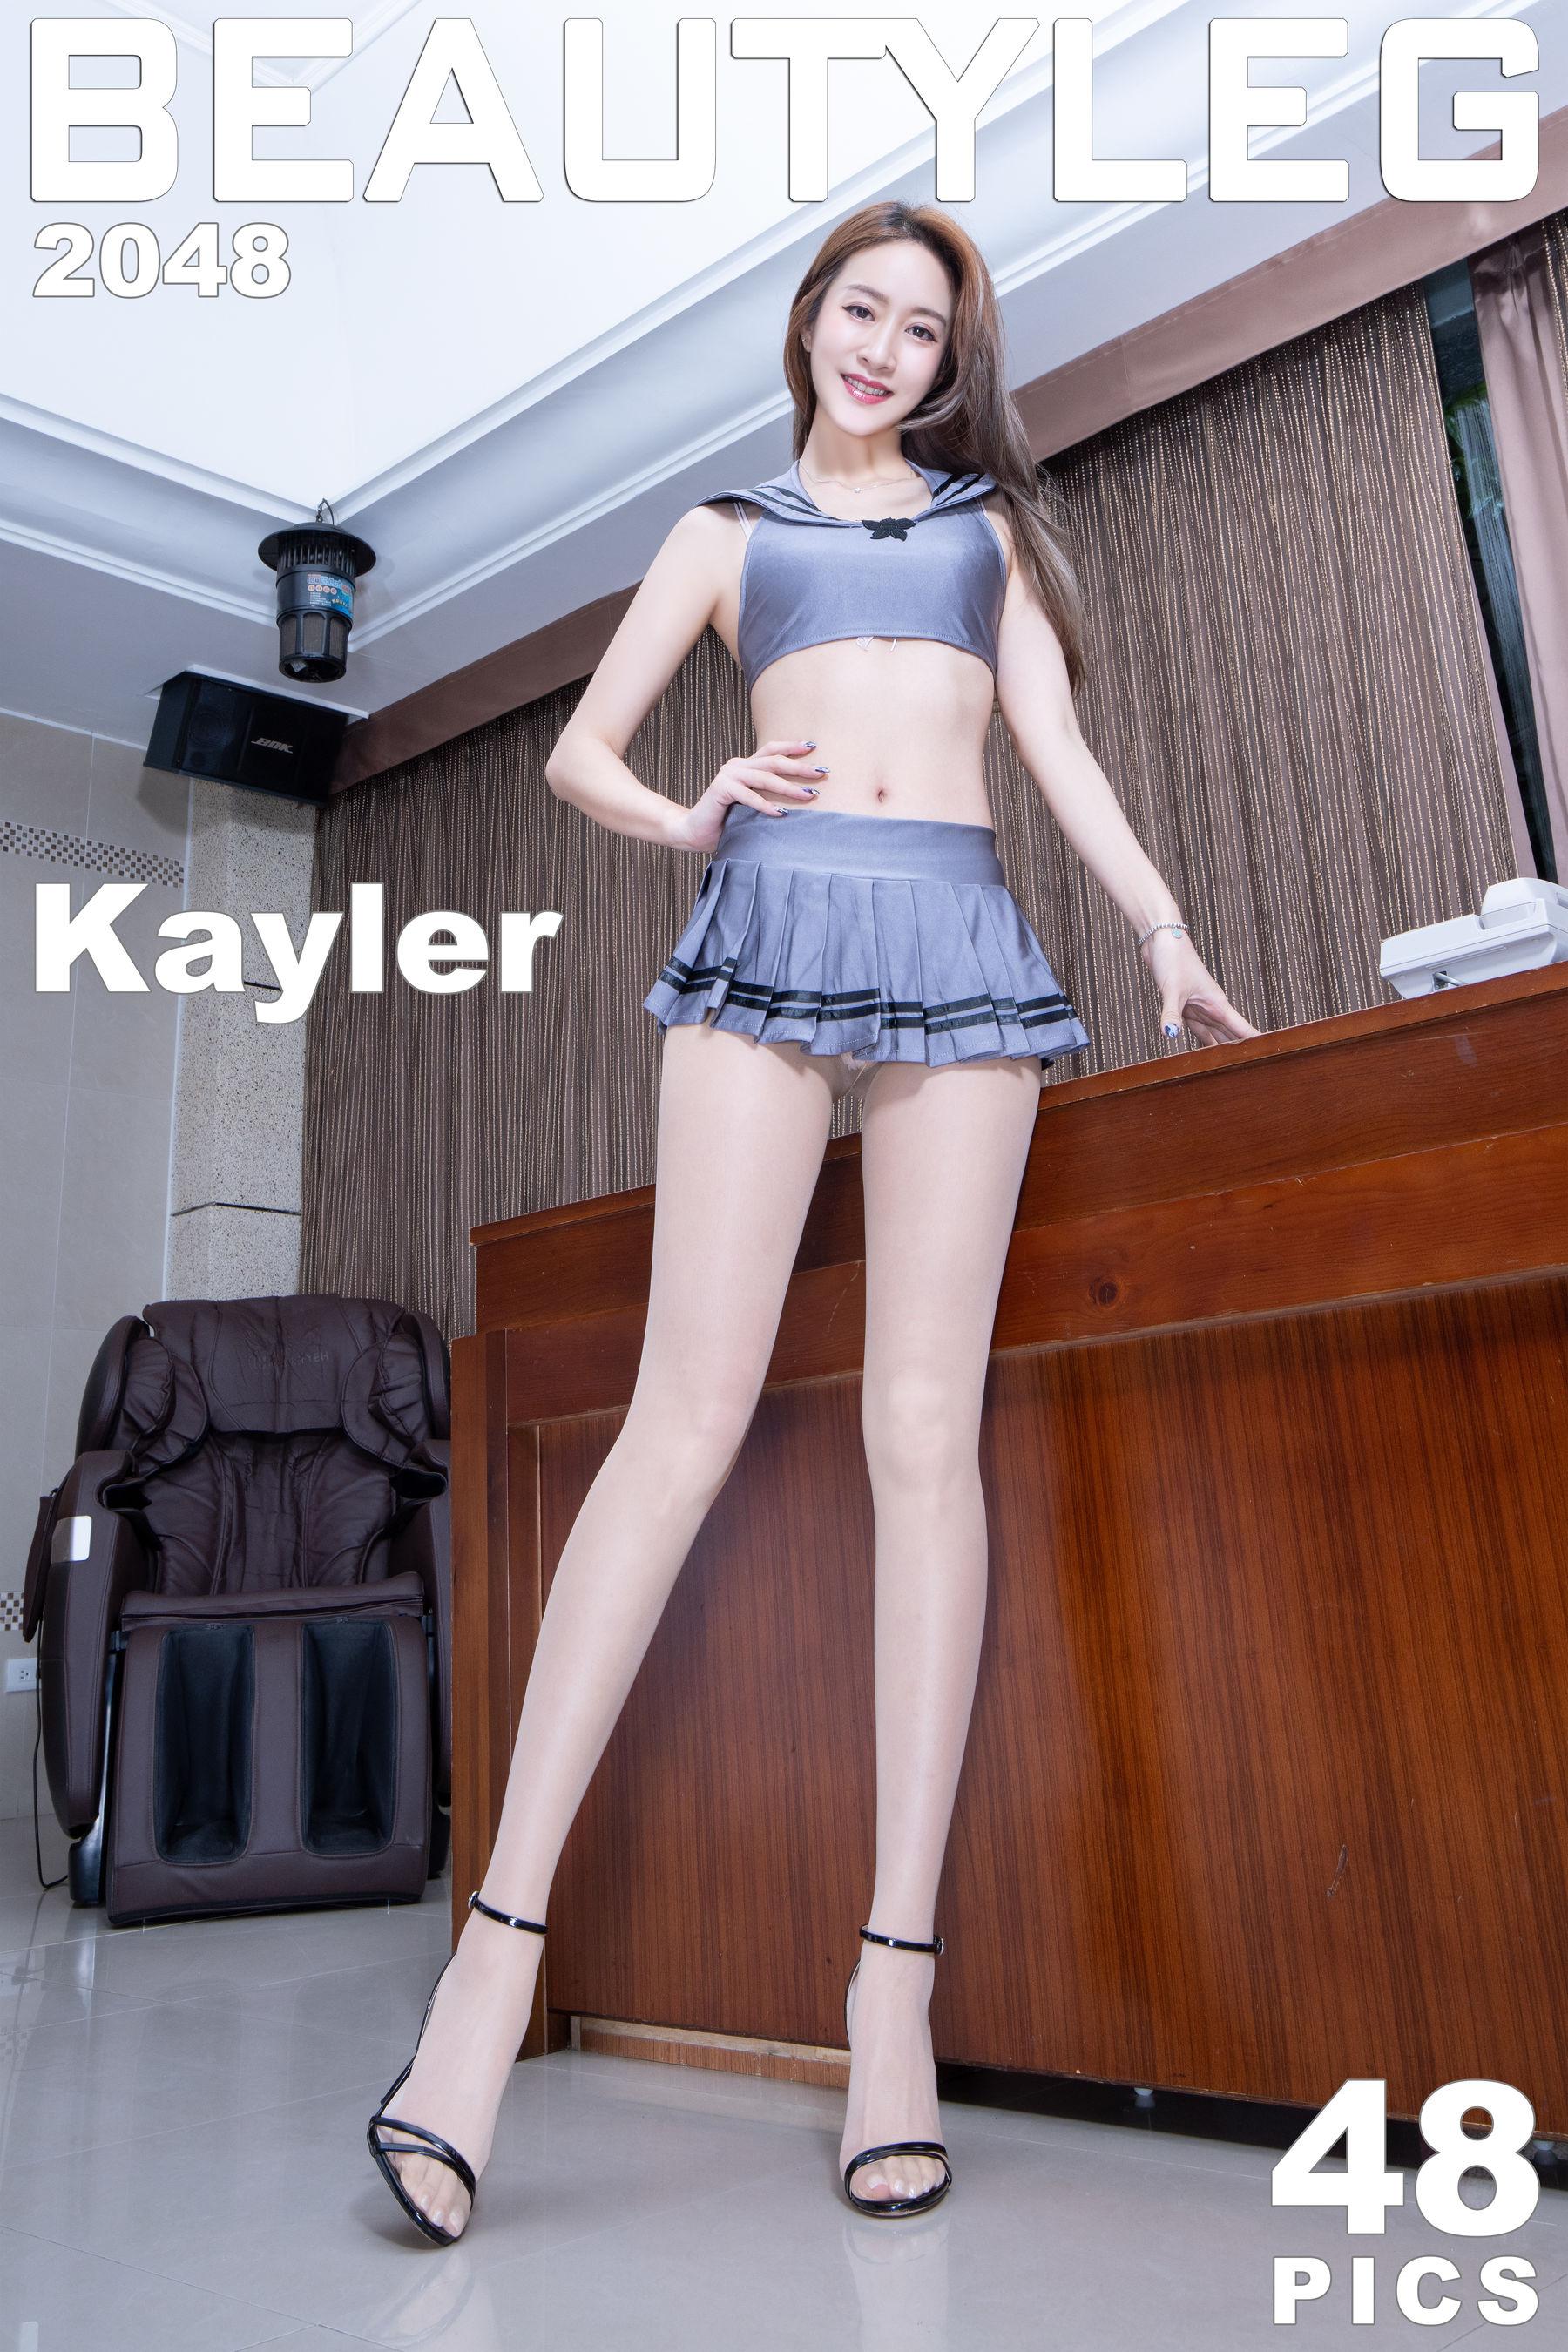 VOL.531 [Beautyleg]高跟肉丝美腿:康凯乐(腿模Kaylar)超高清个人性感漂亮大图(23P)